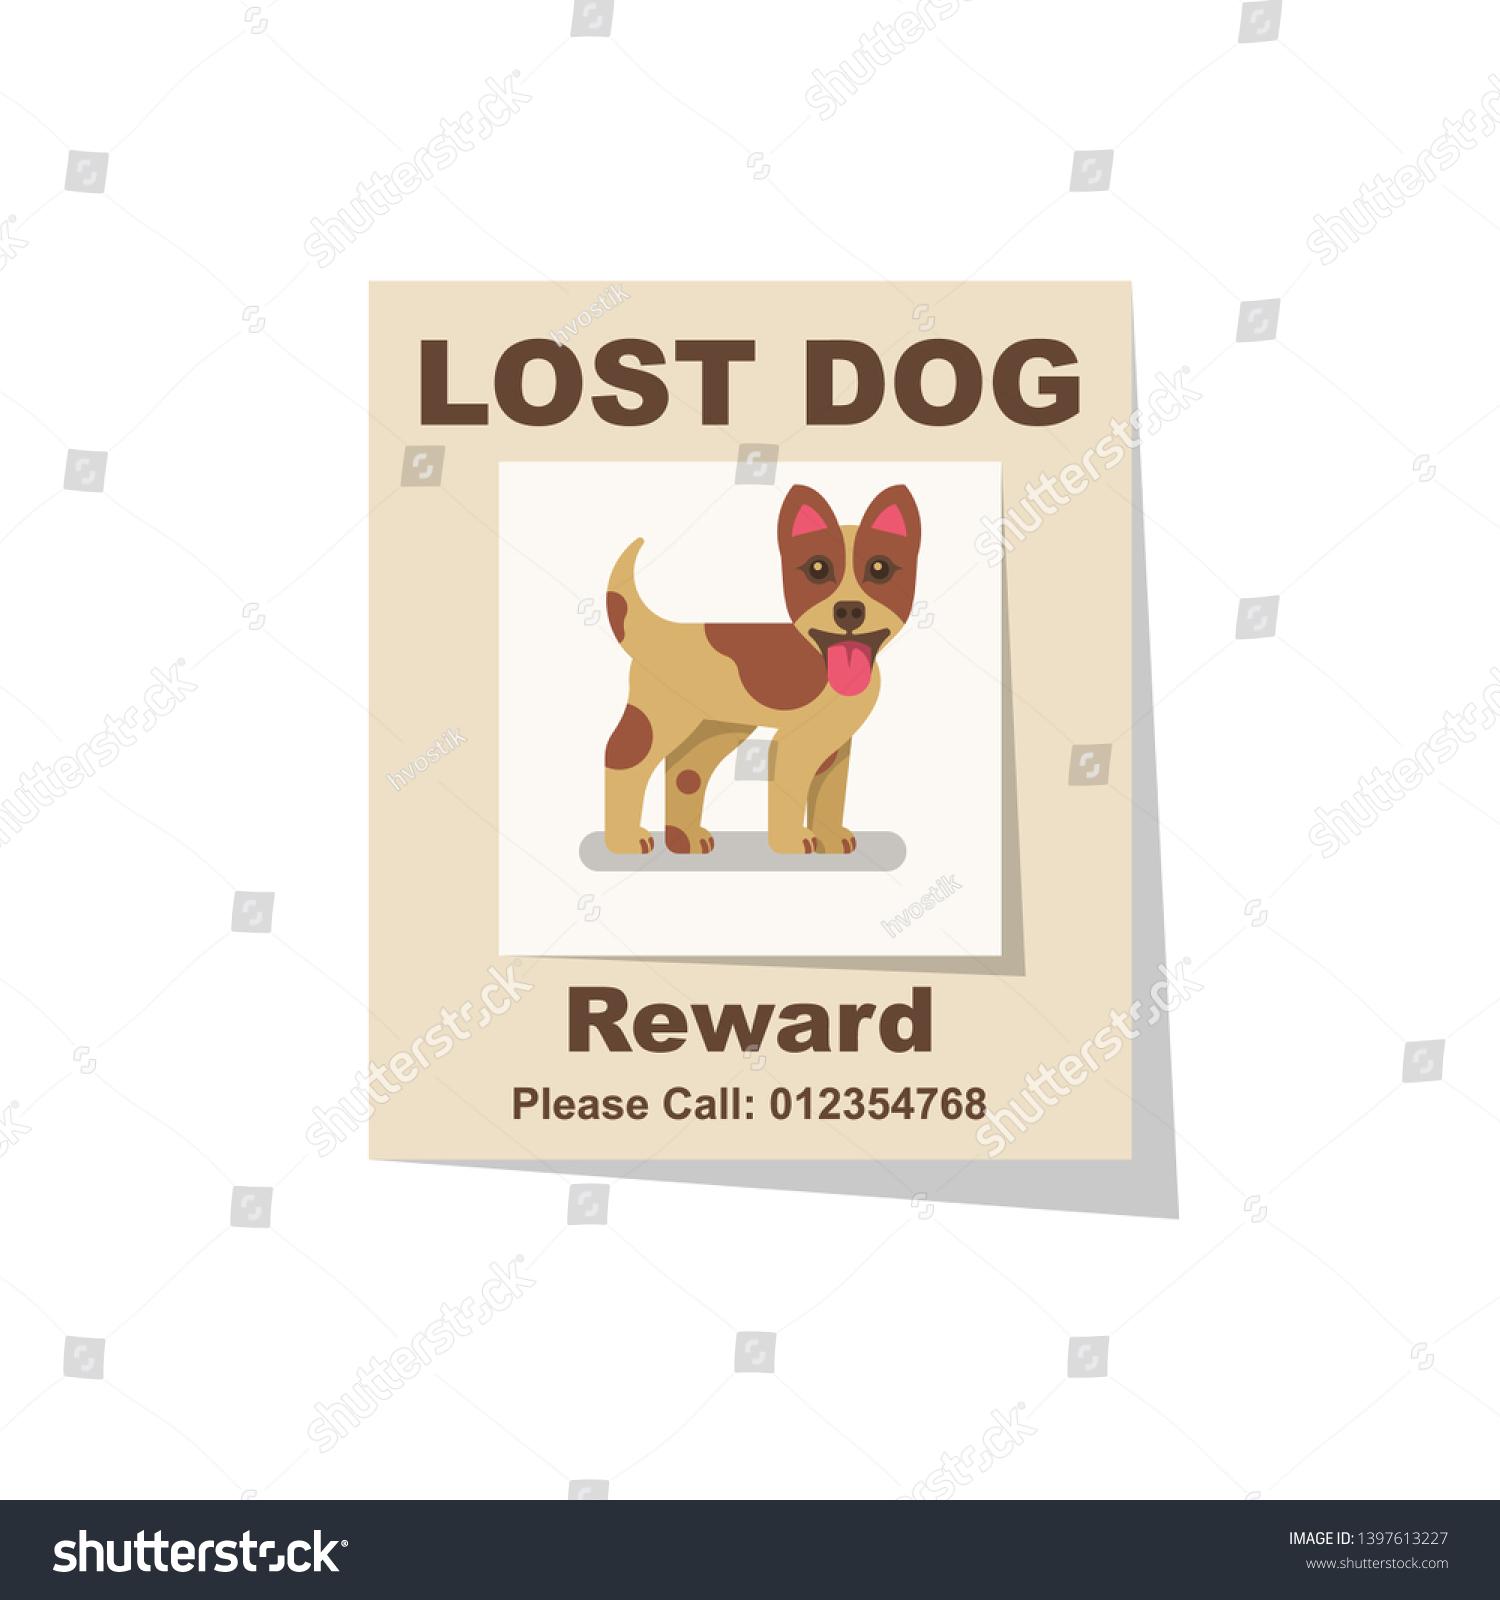 https www shutterstock com de image vector lost dog reward find missing poster 1397613227